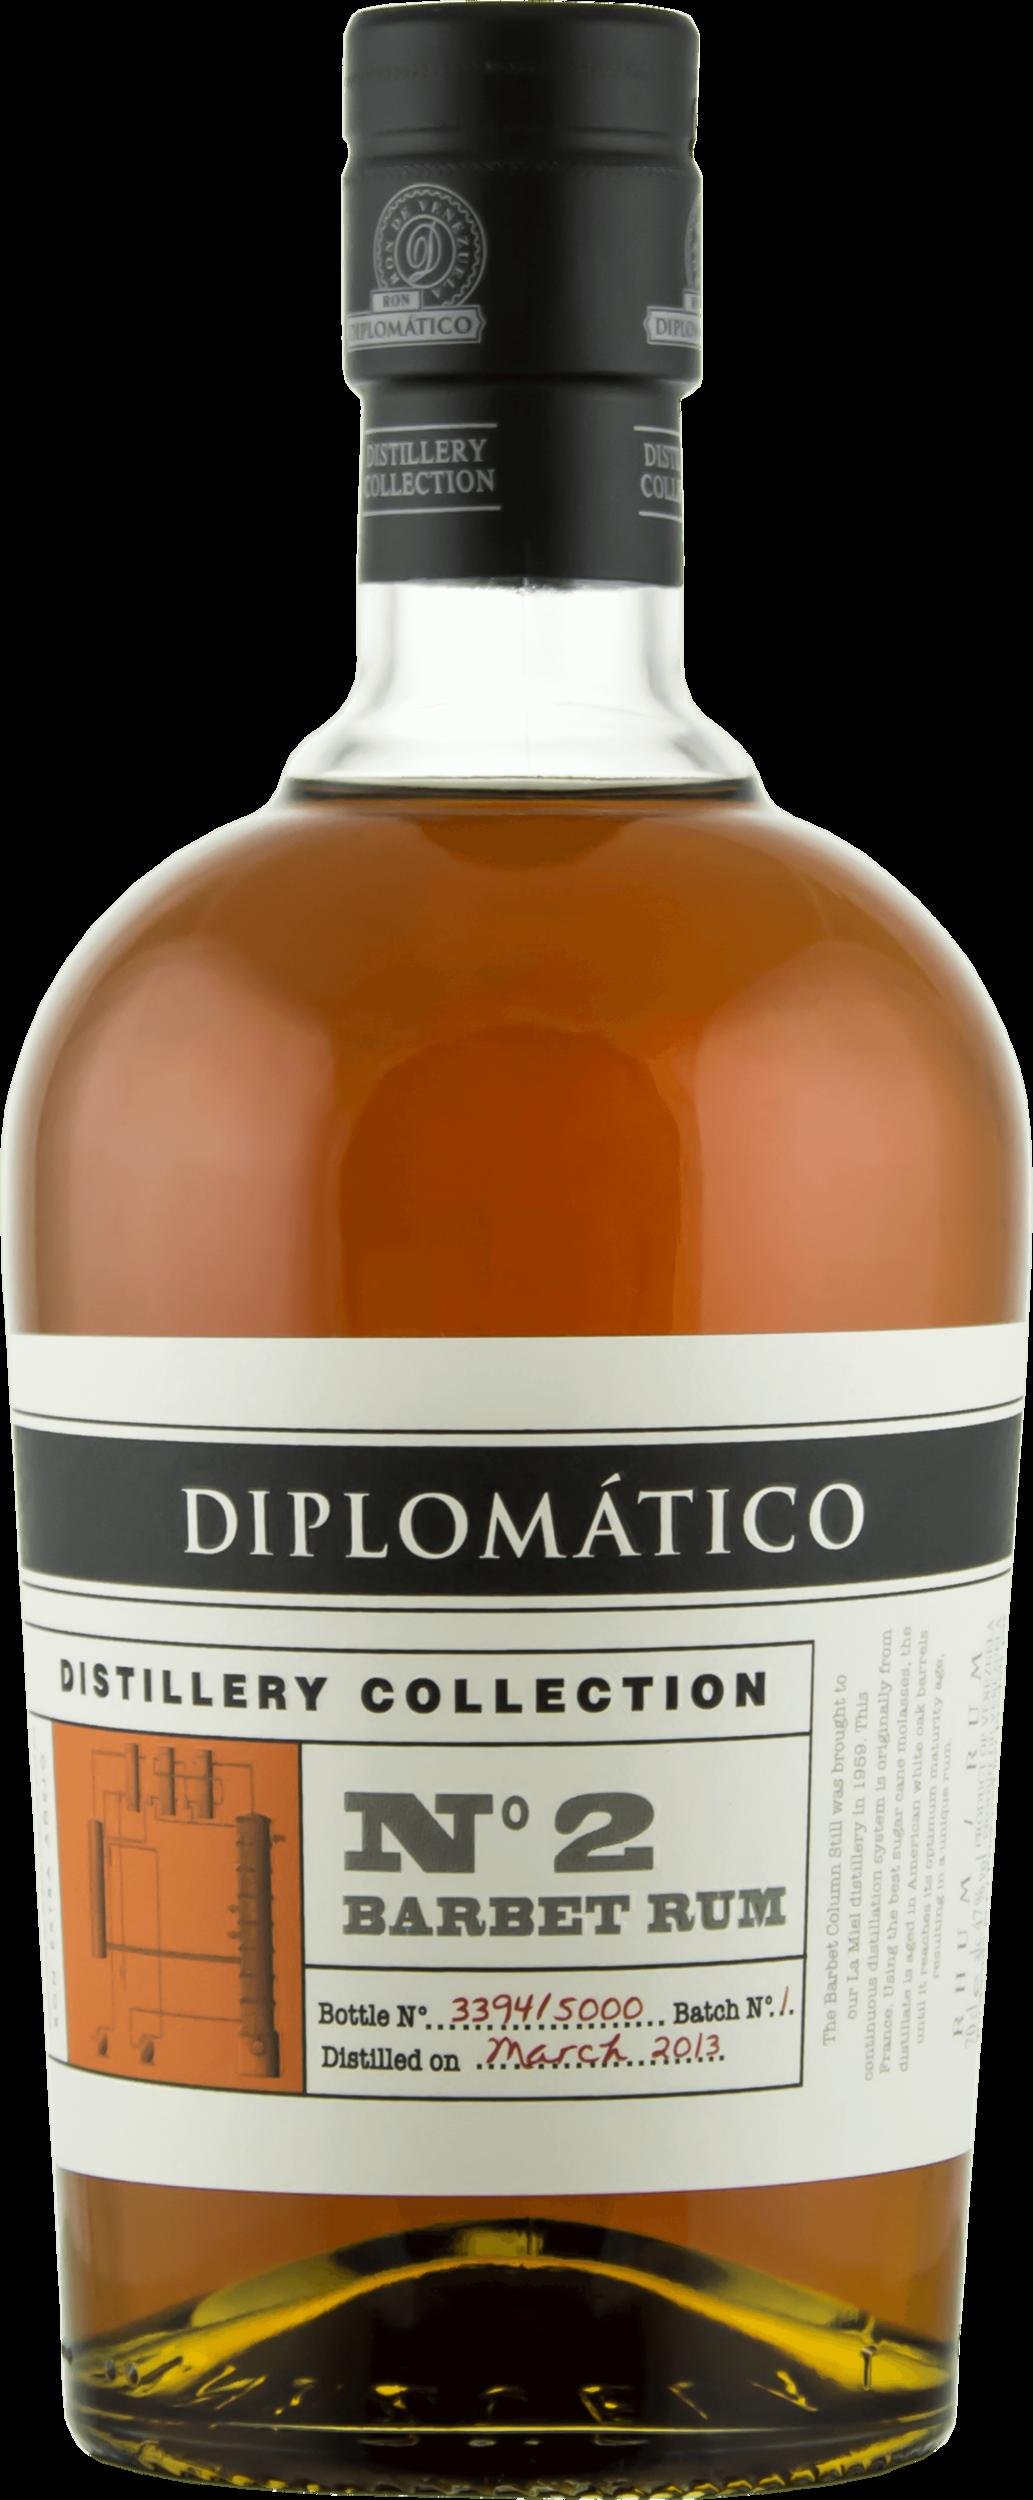 DIPLOMÁTICO, Distillery Collection N°2 Barbet Column